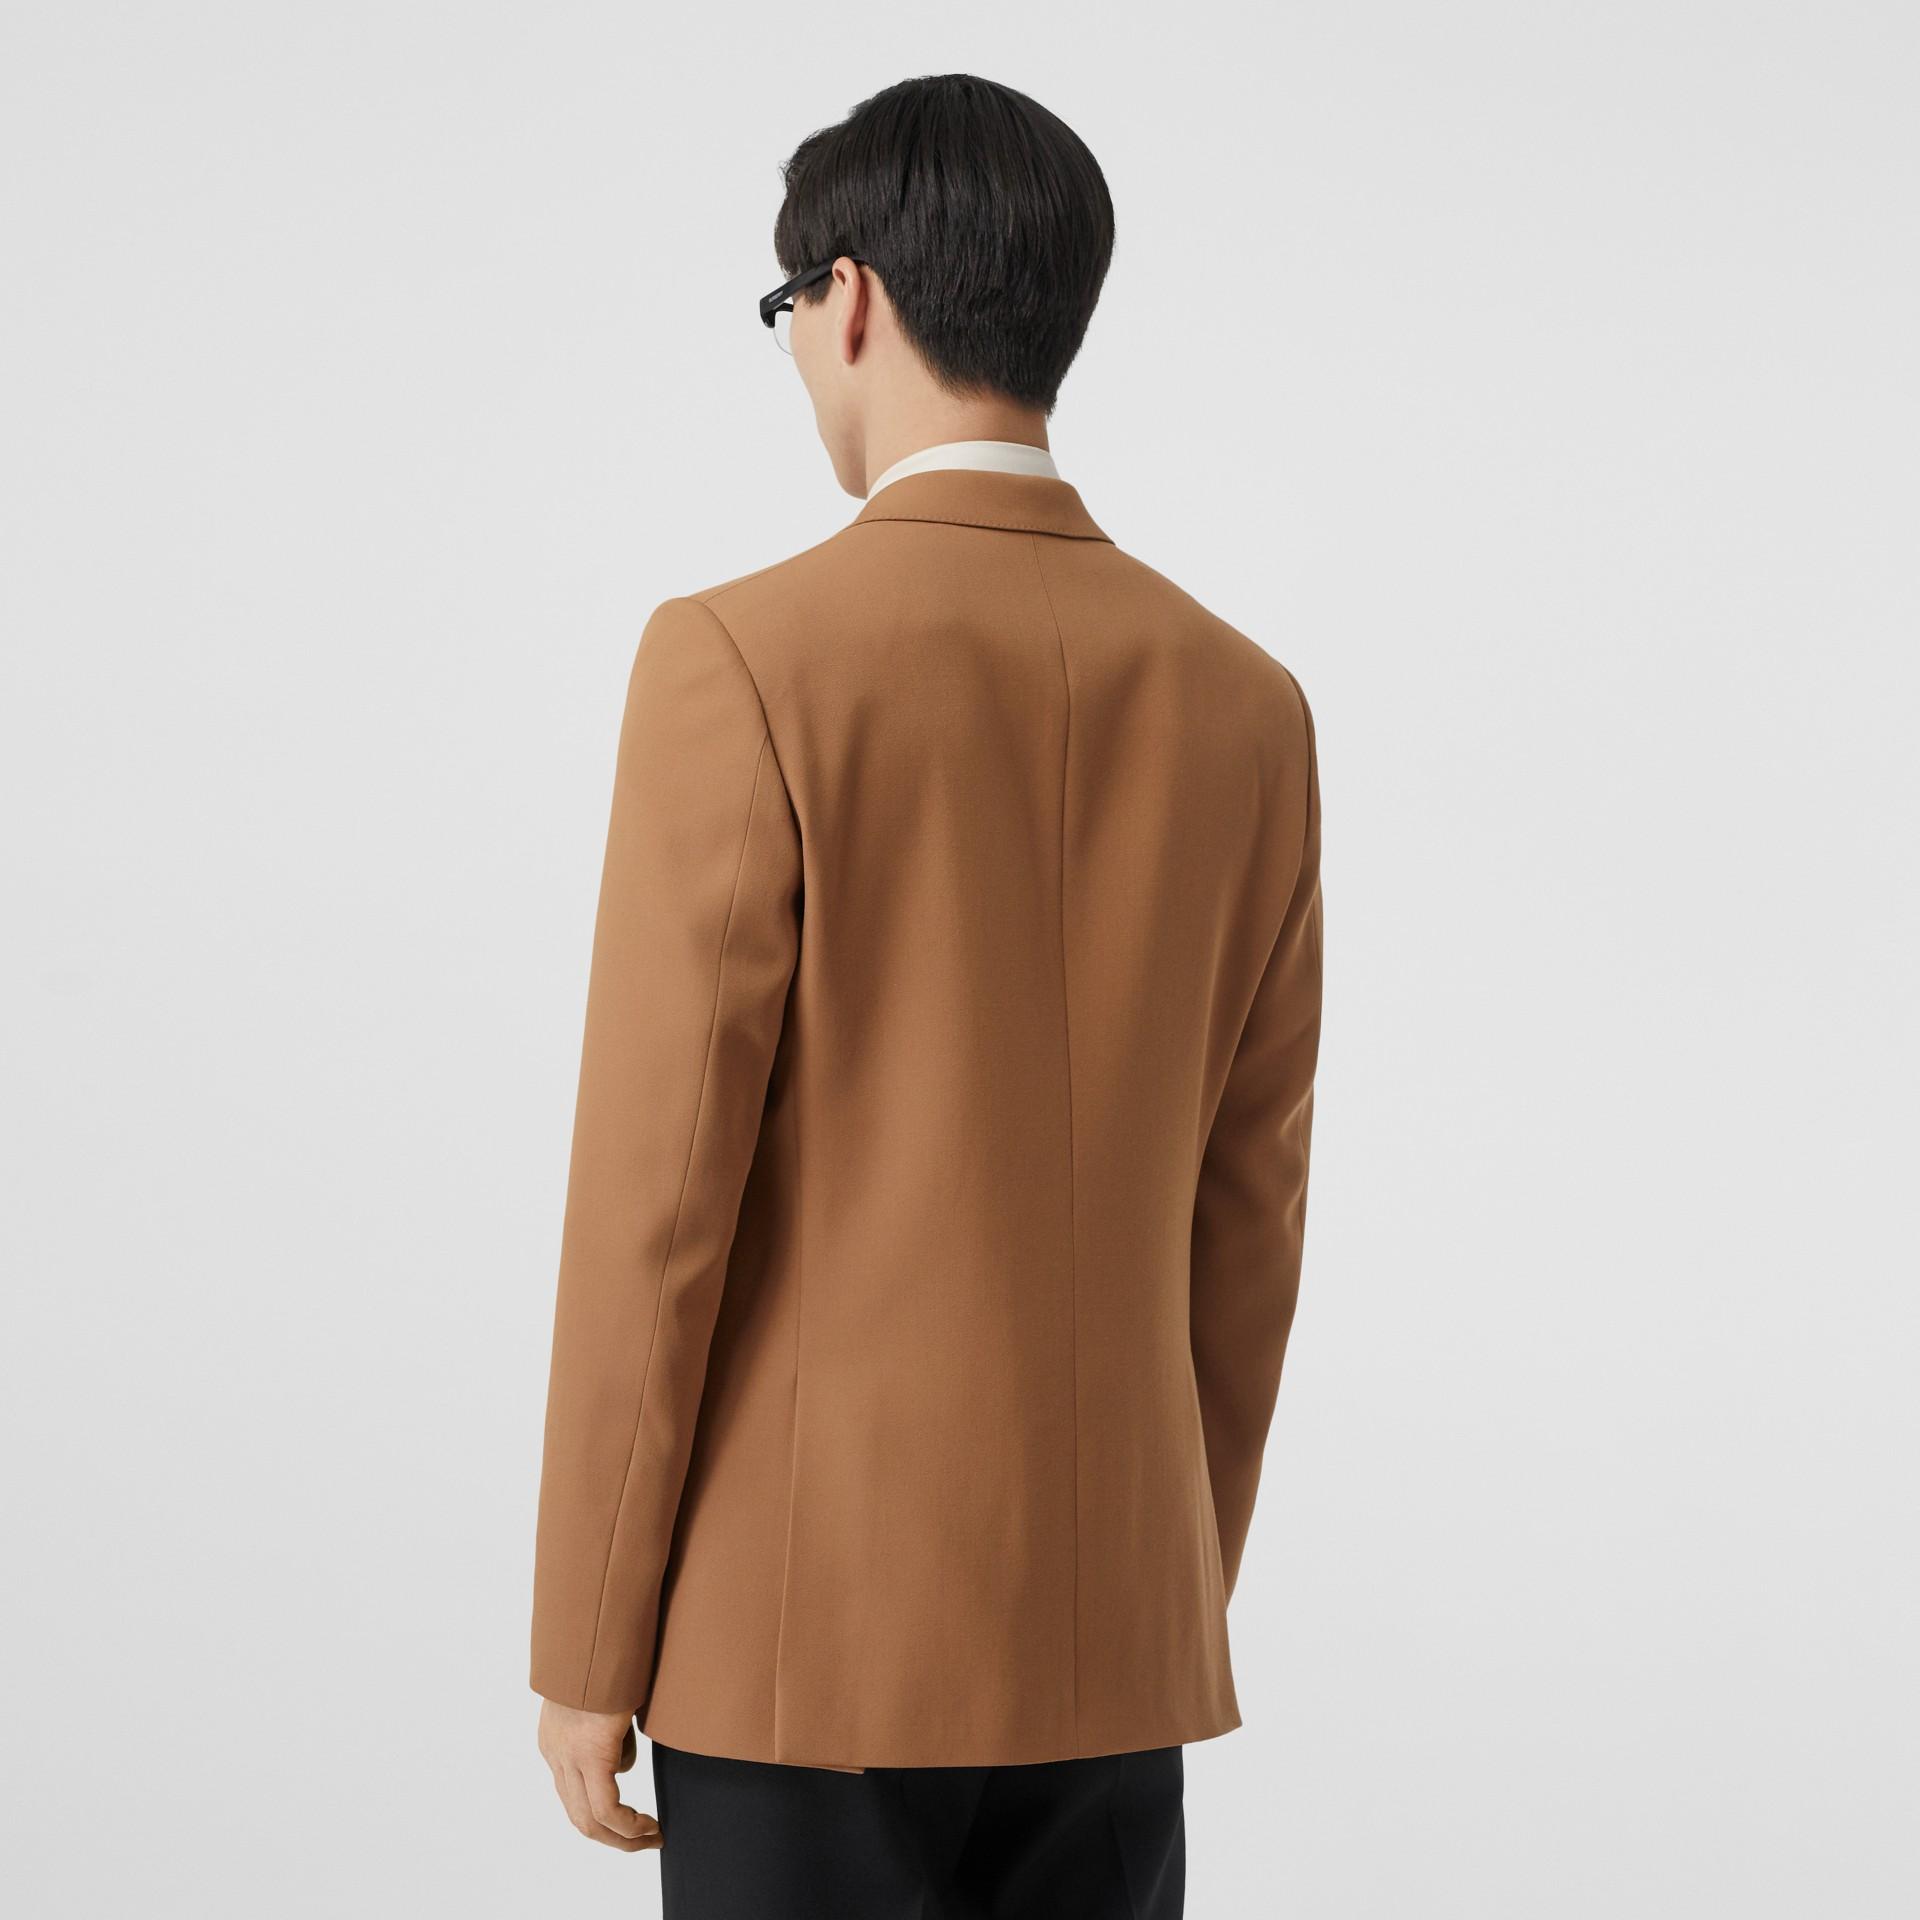 Manteau en poil de chameau avec veste amovible en laine (Camel Intense) - Homme | Burberry Canada - photo de la galerie 2